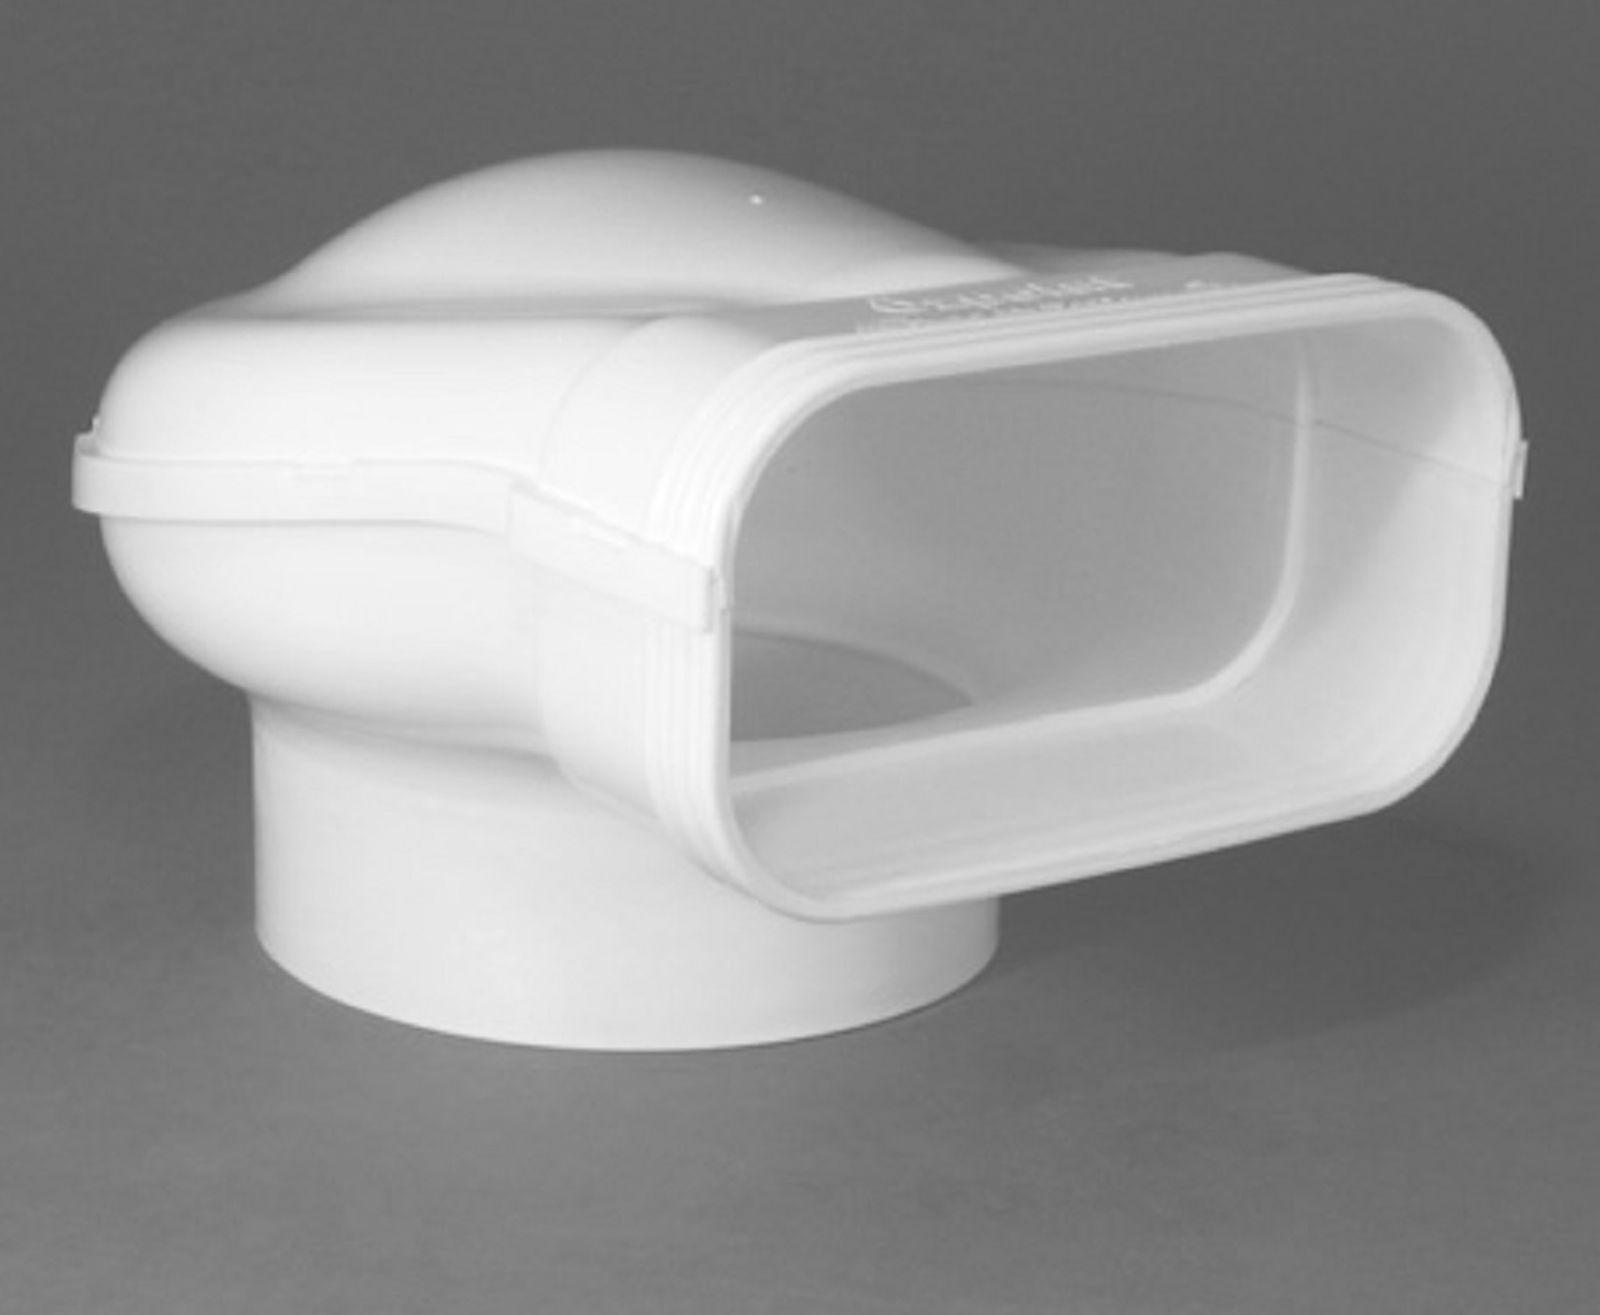 Umlenkstück proguide abluft flachkanal 150 x 70 mm zu Ø 125 mm